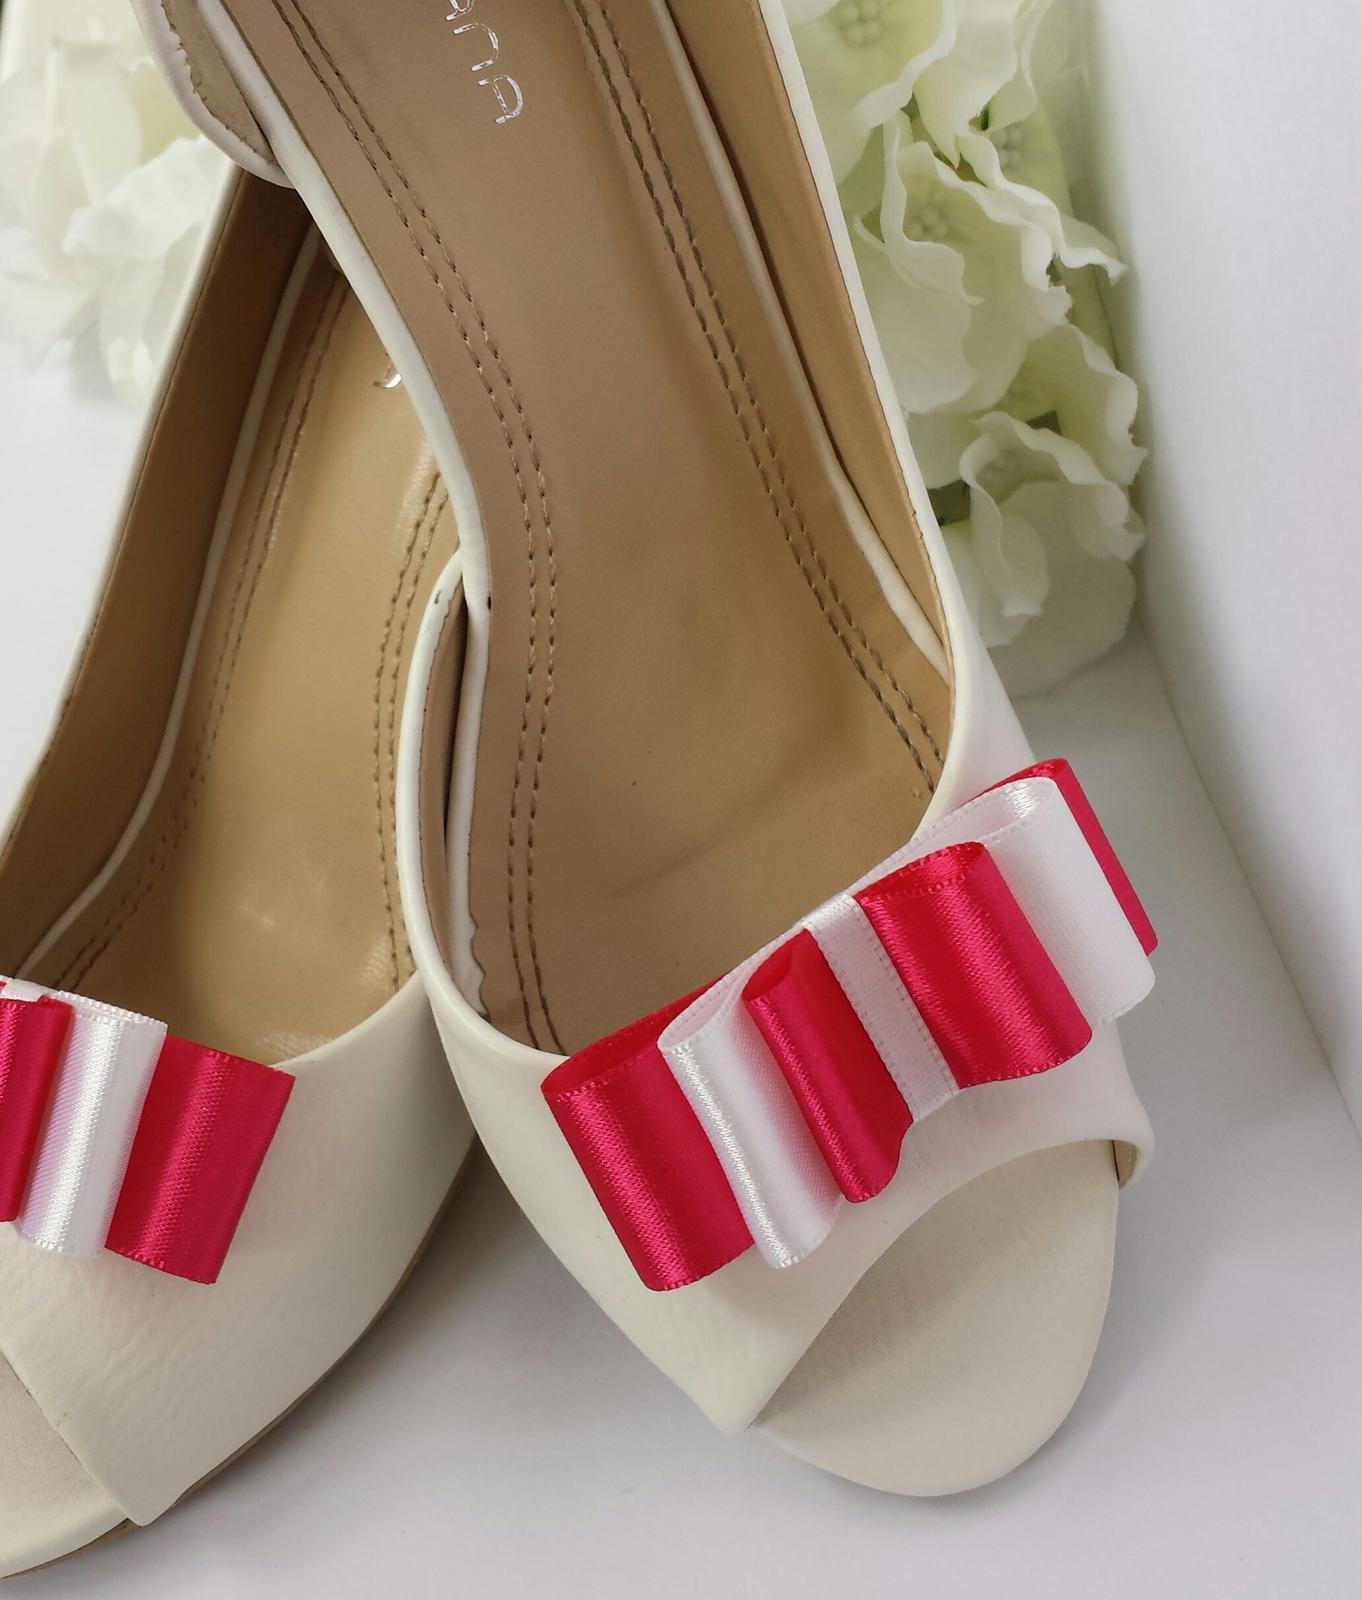 Klipy na boty odstín dle přání - Obrázek č. 4